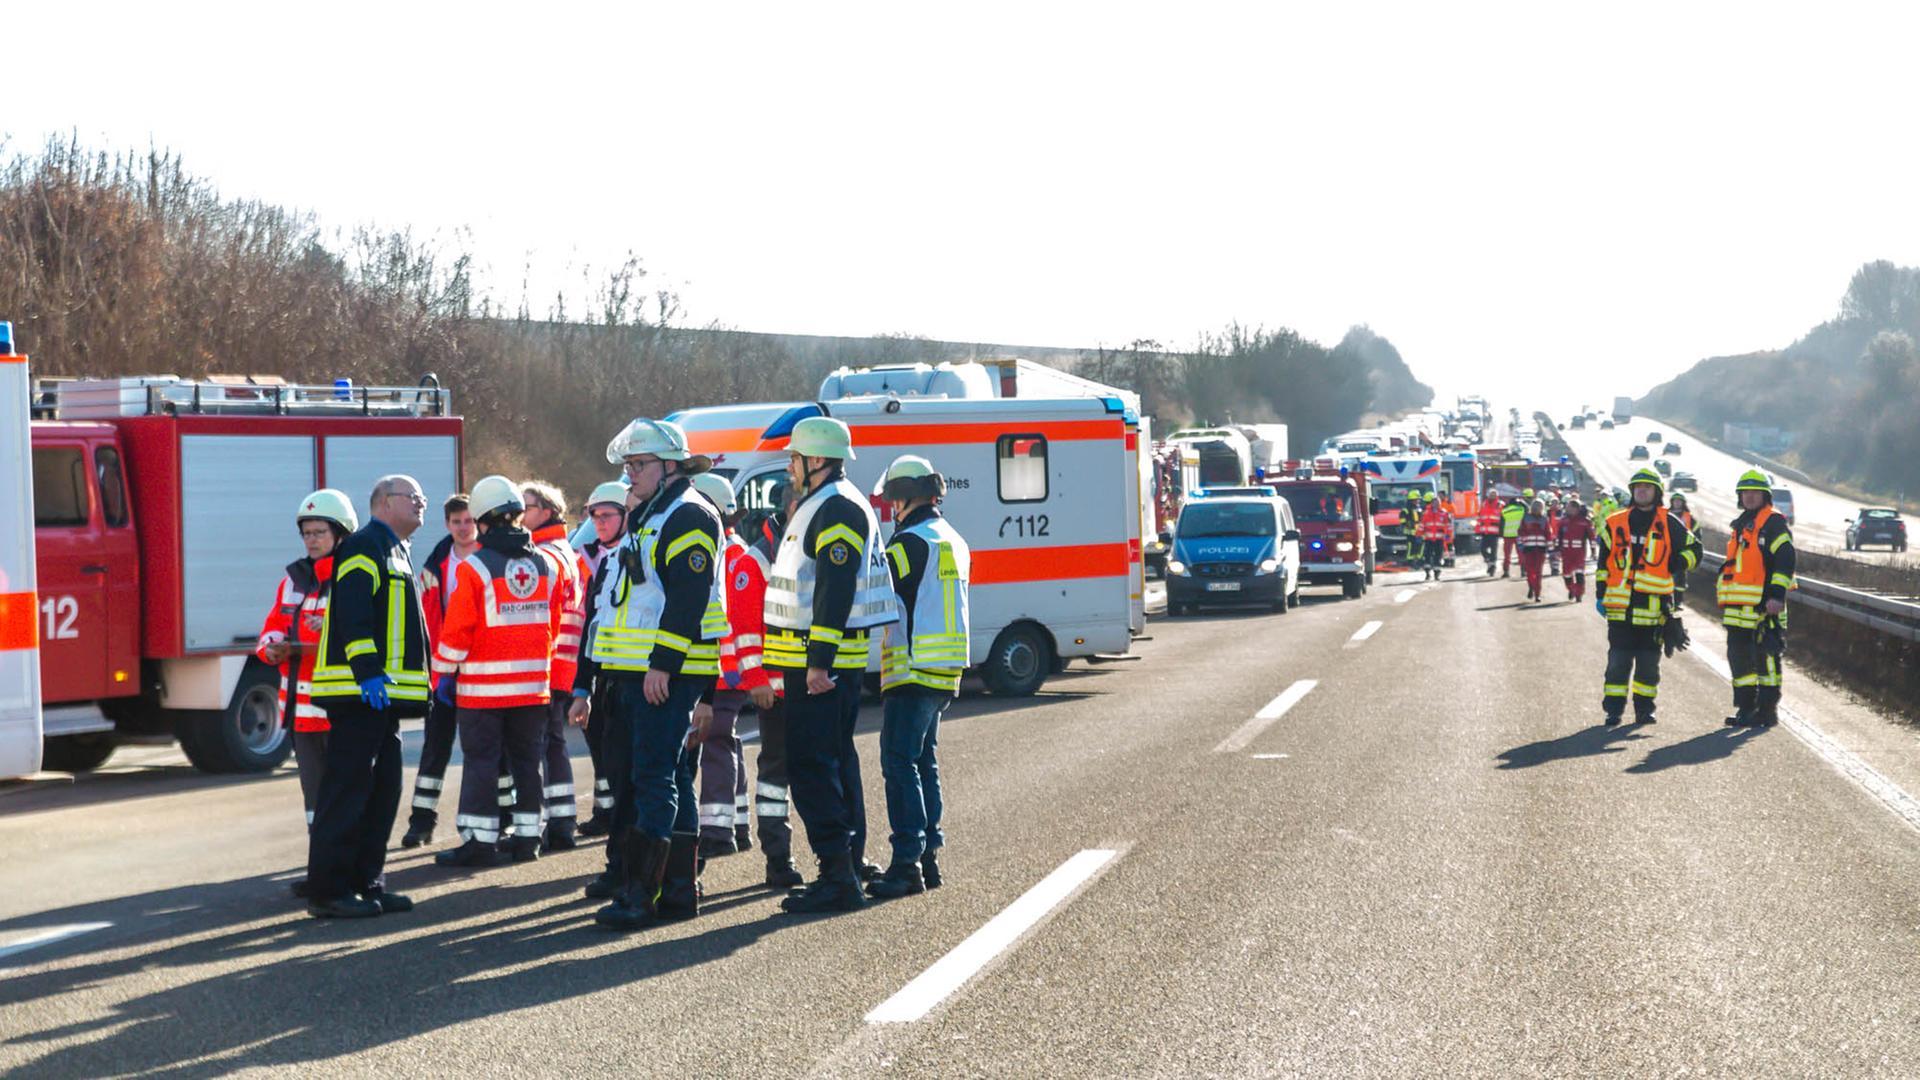 Rettungskräfte an der Unfallstelle auf der A3 Bild © wiesbaden112.de